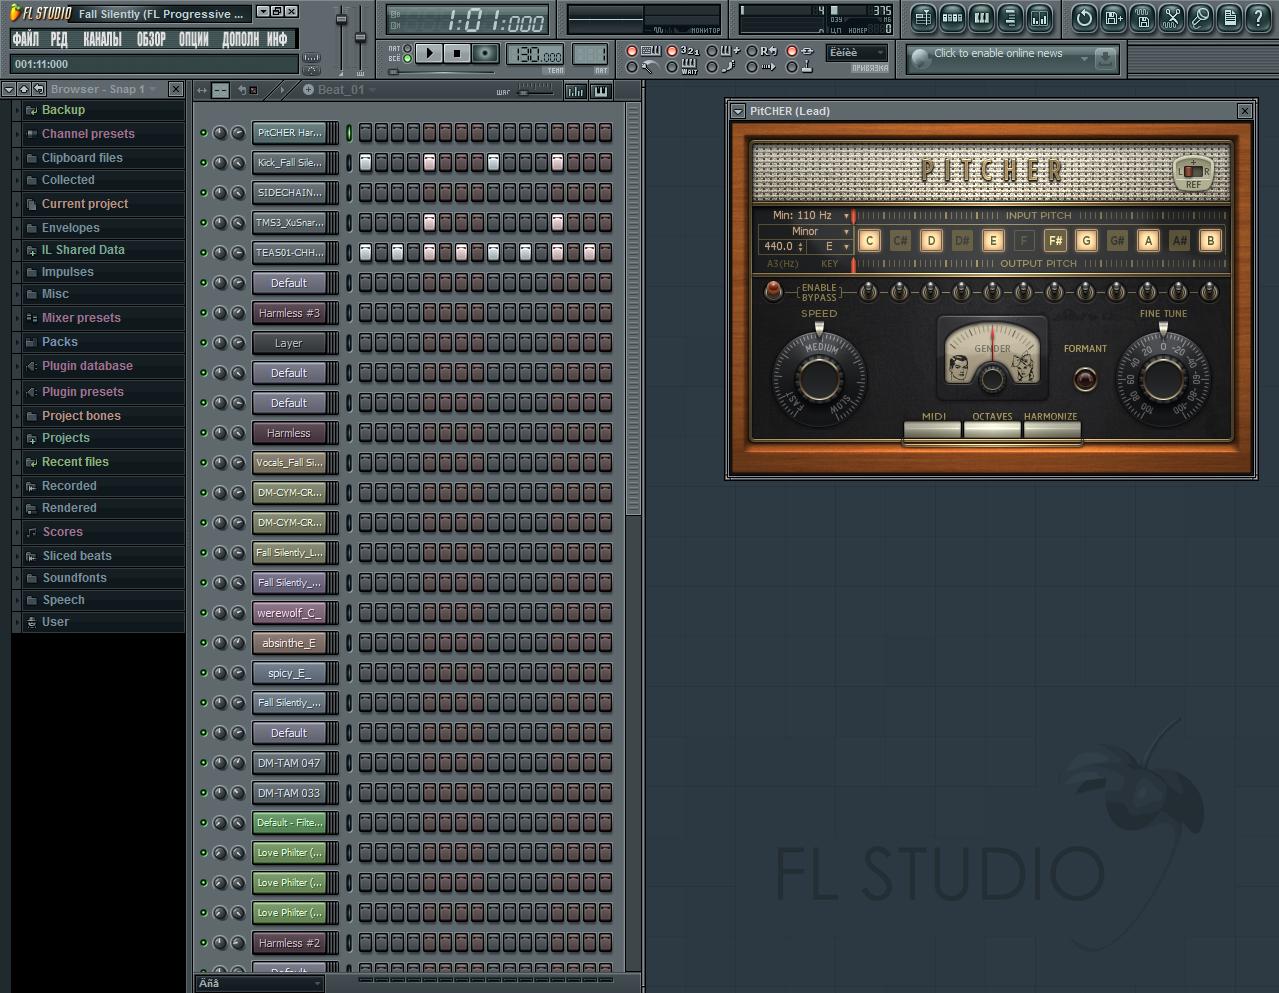 Скачать Fl Studio 12 Полную Версию торрент